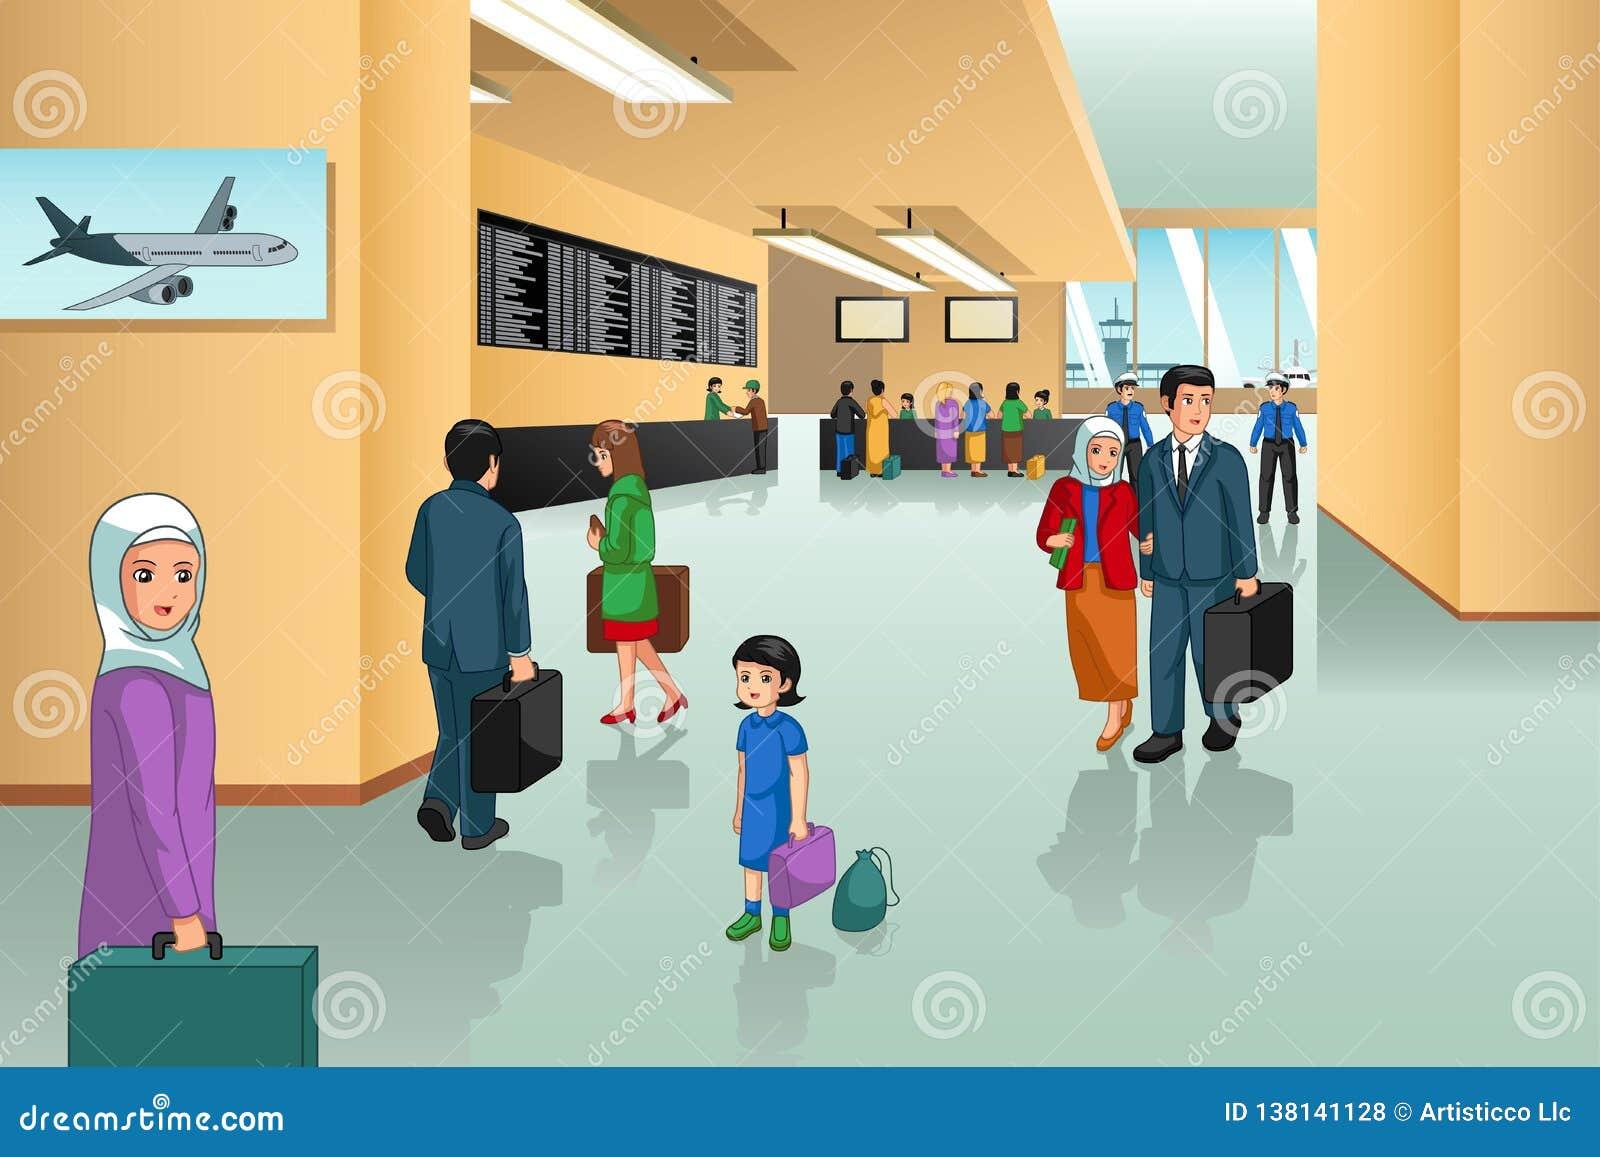 Inside Airport Scene Illustration Stock Vector